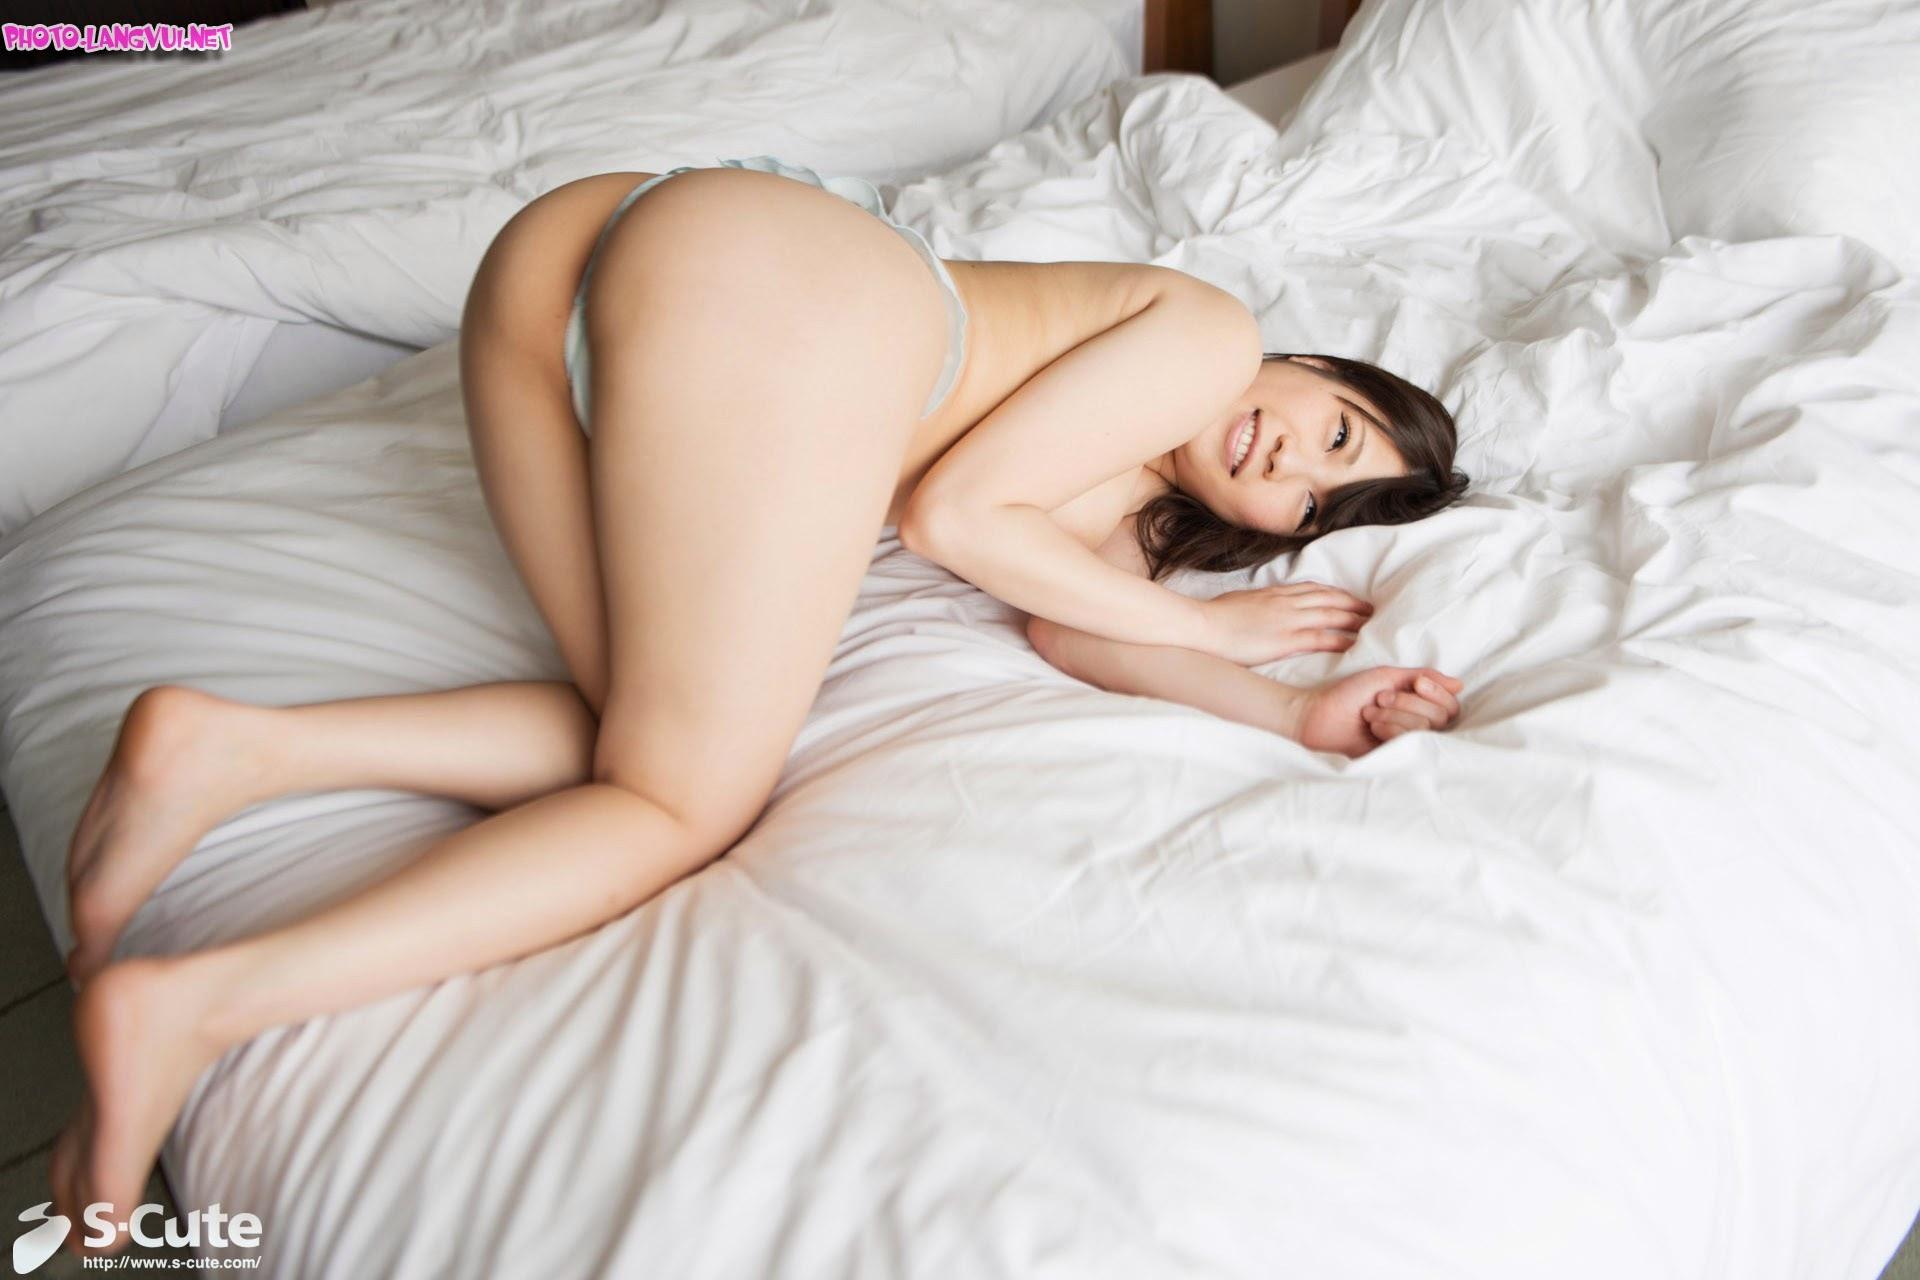 S-Cute Yuri